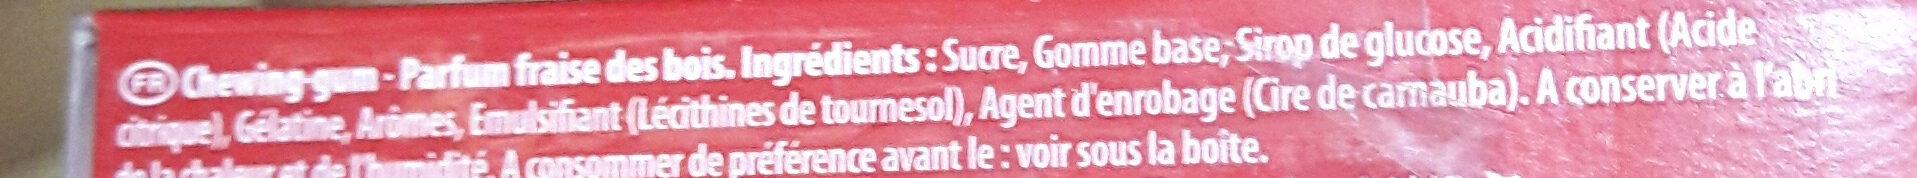 Chewing-gum parfum fraise des bois - Ingrédients - fr